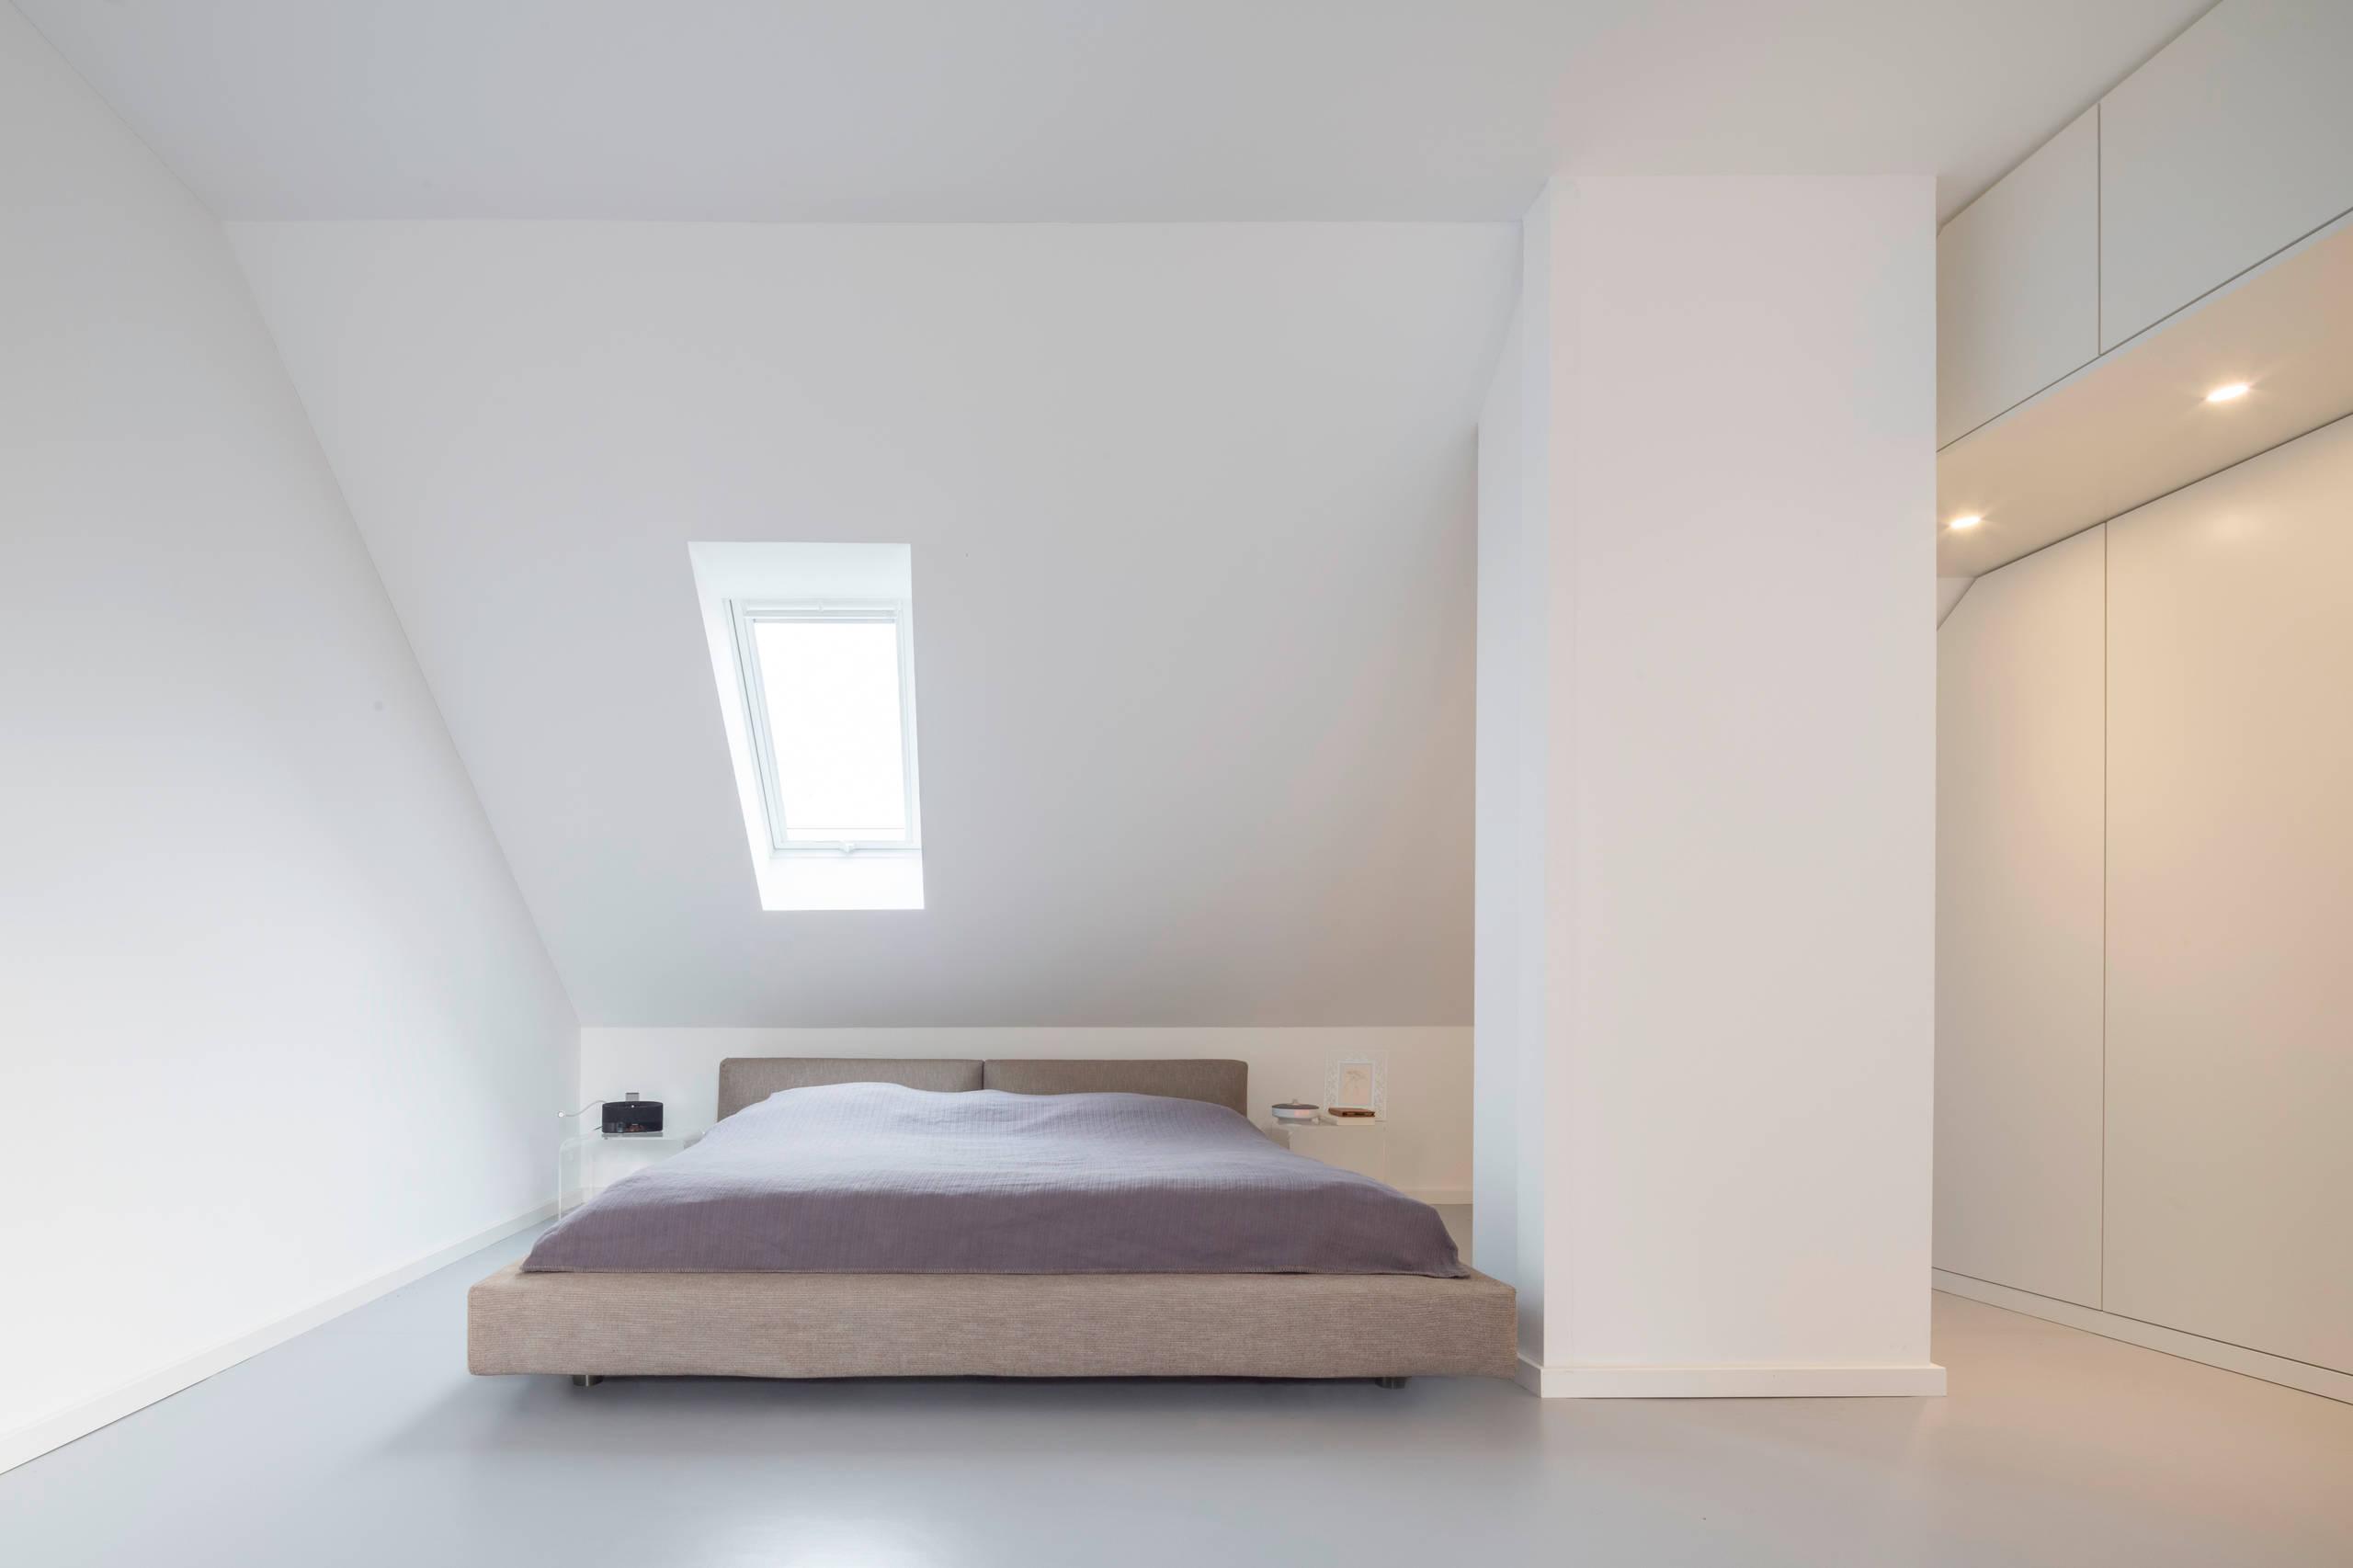 19 Beautiful Modern Linoleum Floor Bedroom Pictures & Ideas